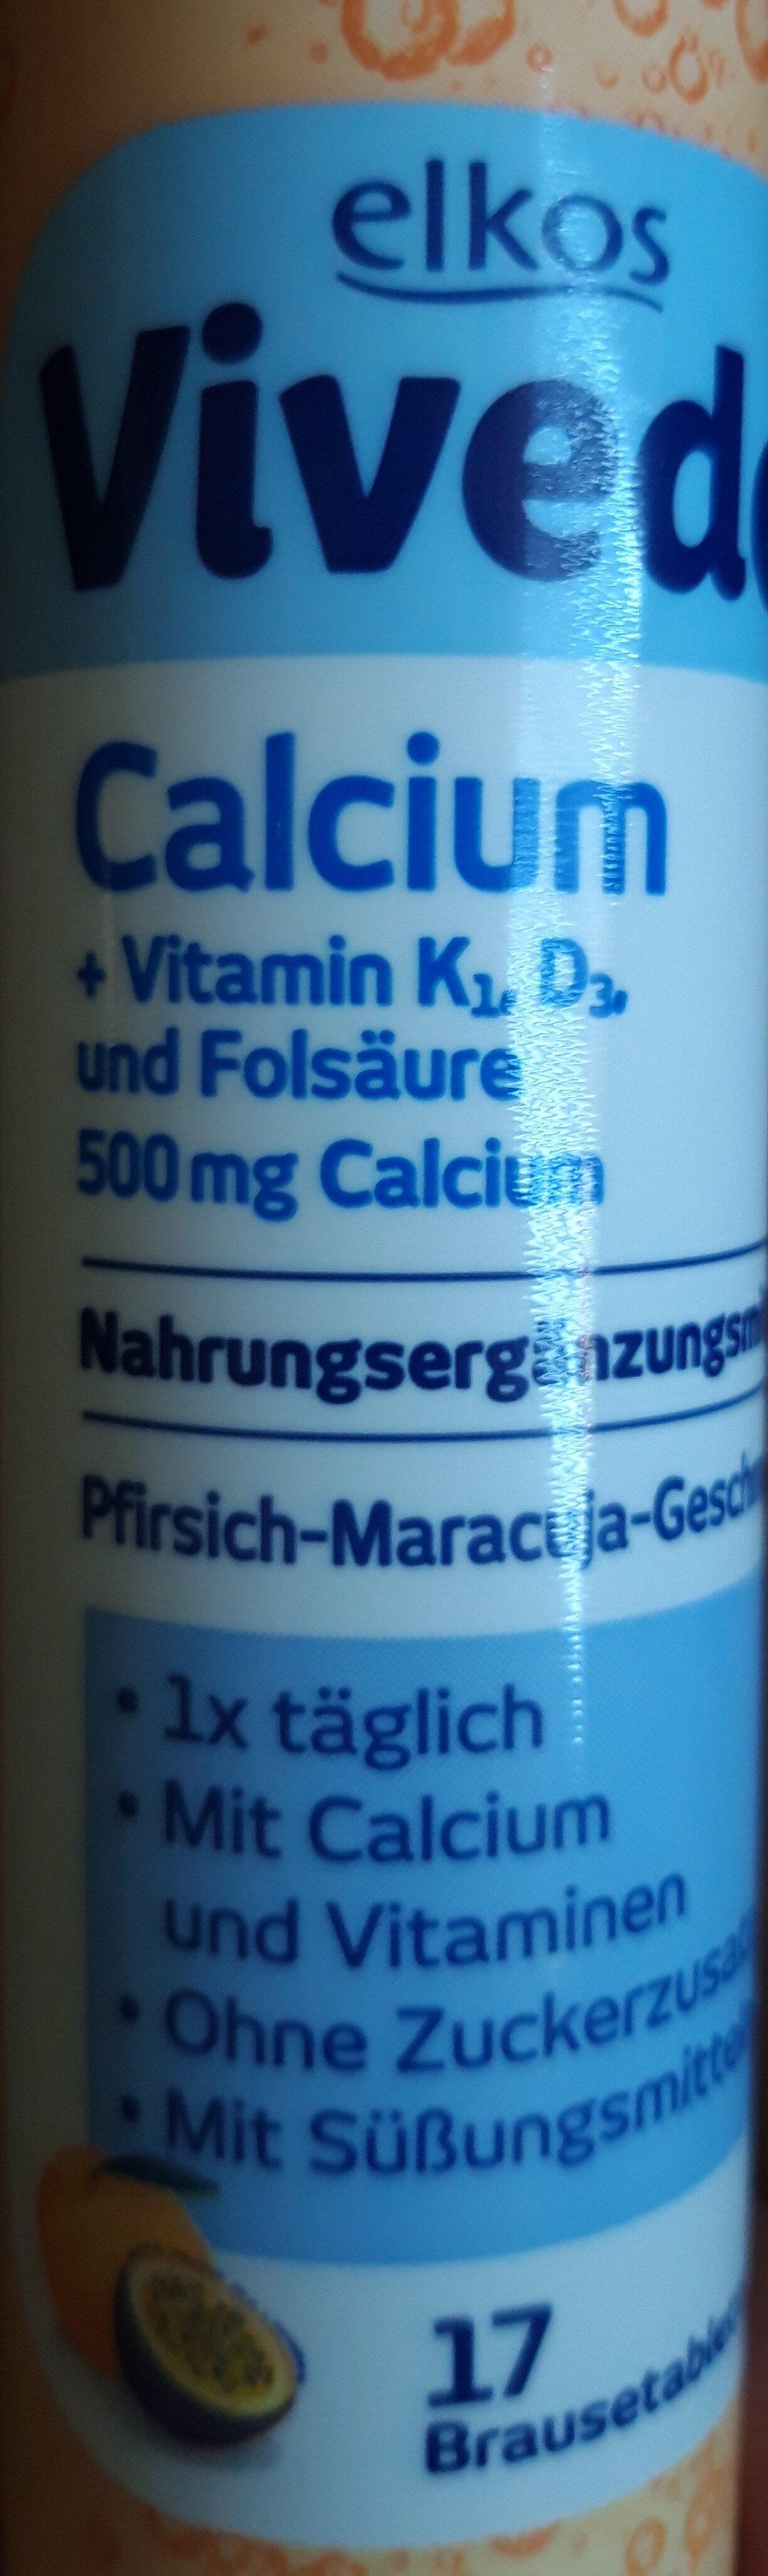 elkos Vivede Calcium - Product